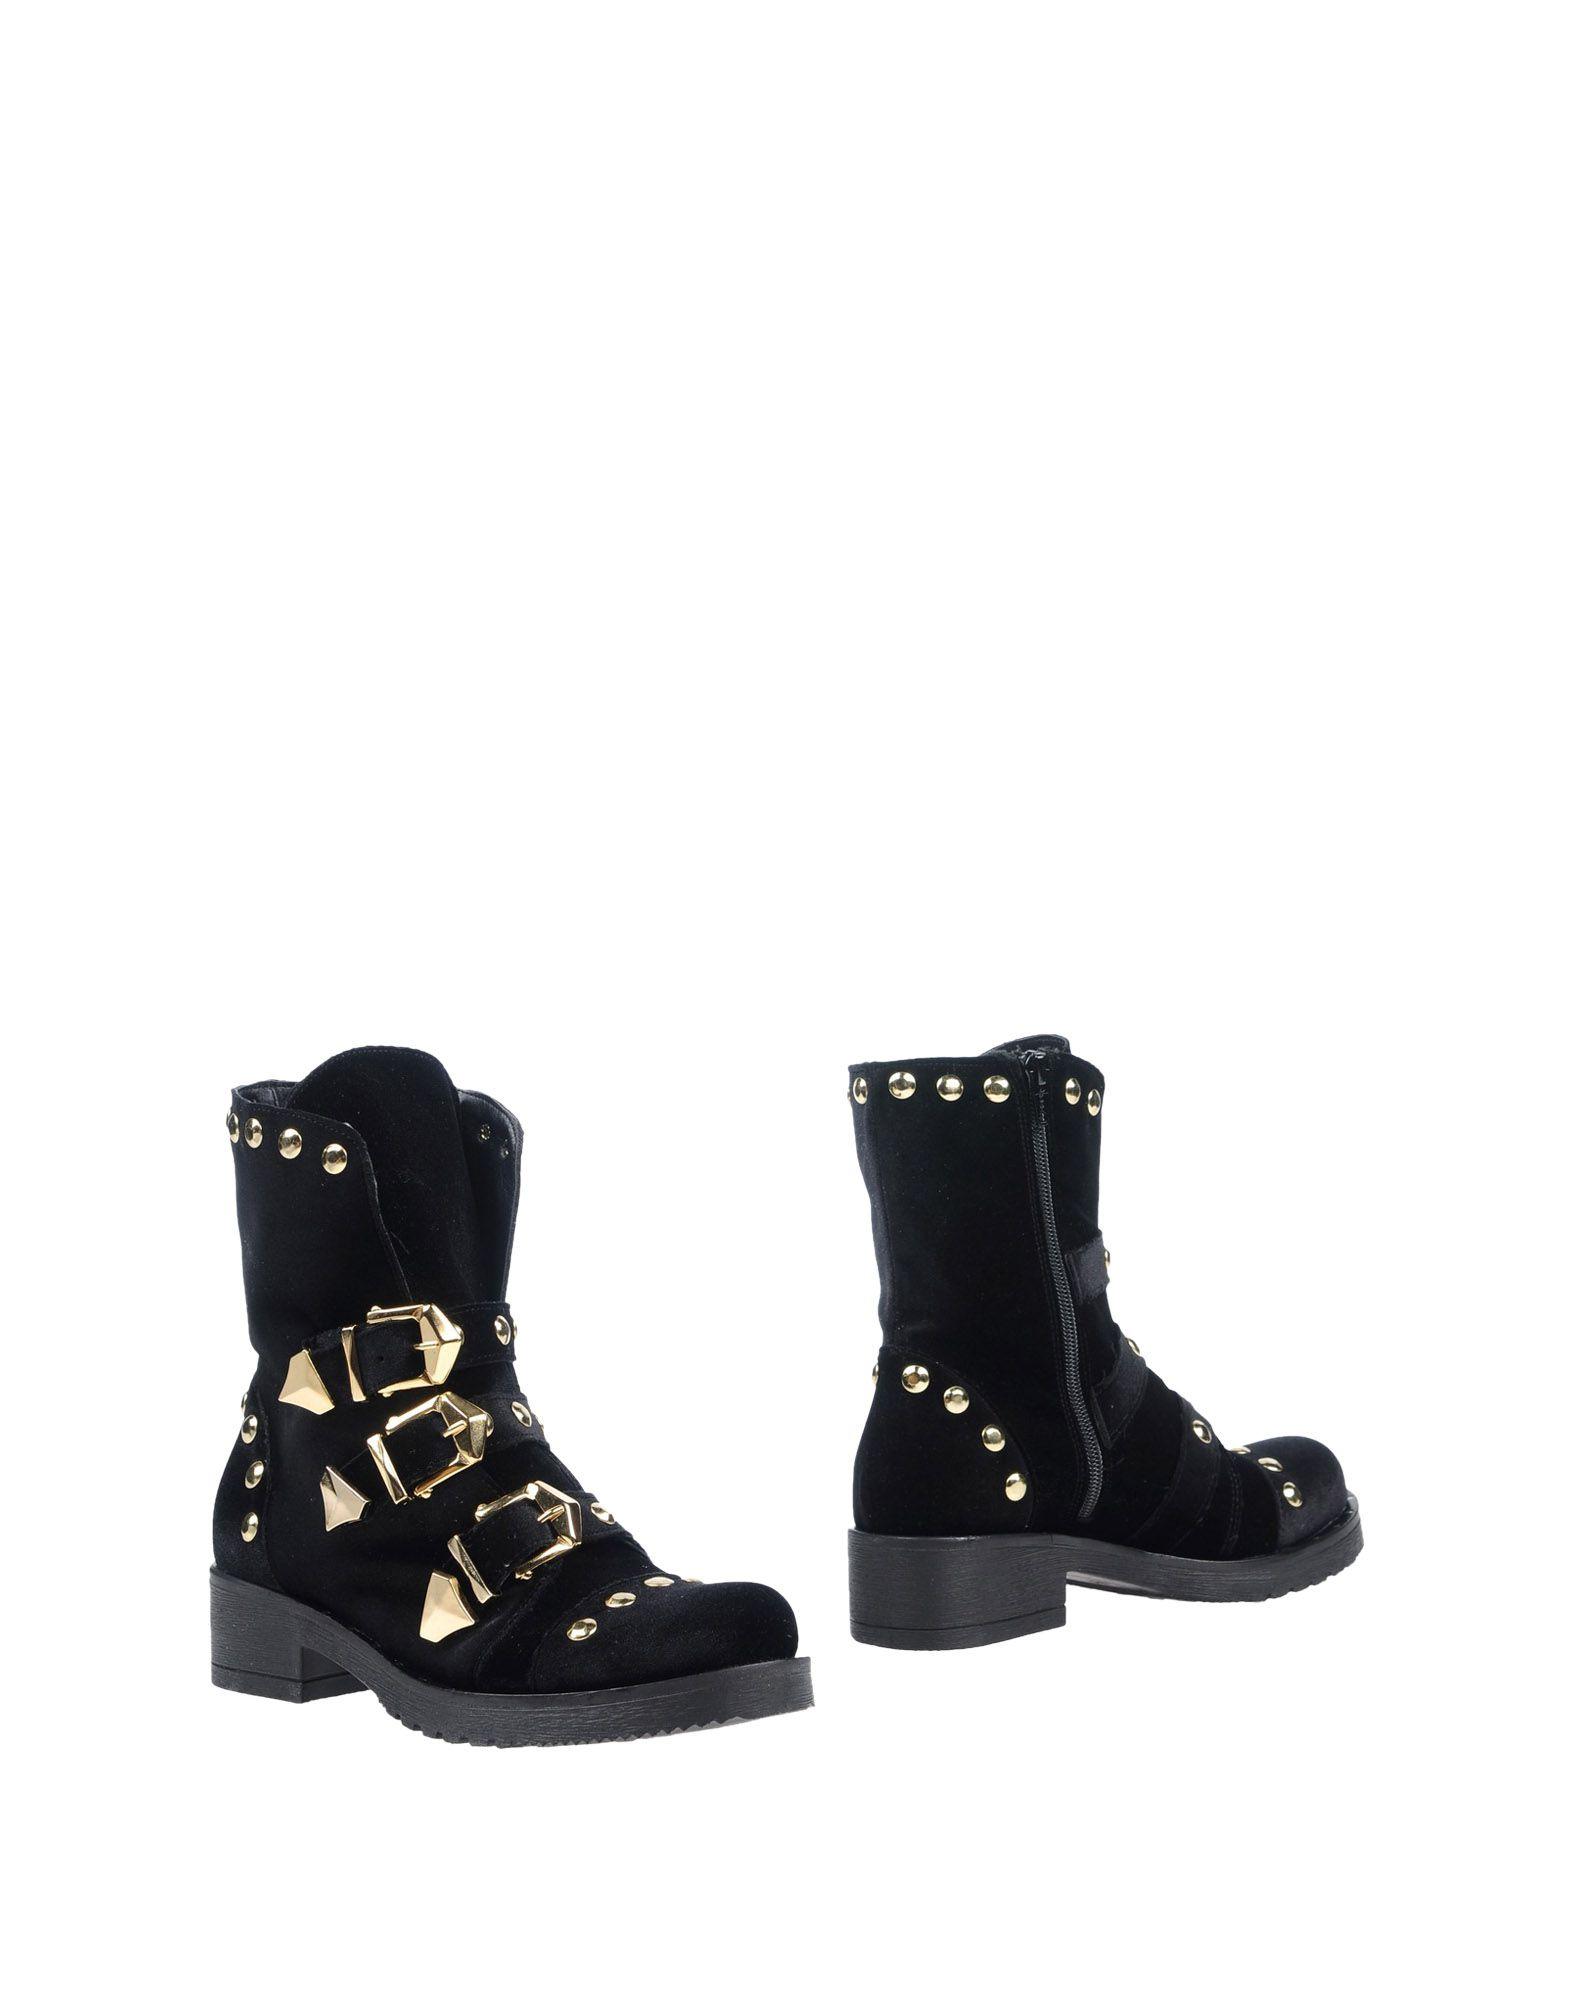 Divine Follie Stiefelette Damen  11459575UH Gute Qualität beliebte Schuhe